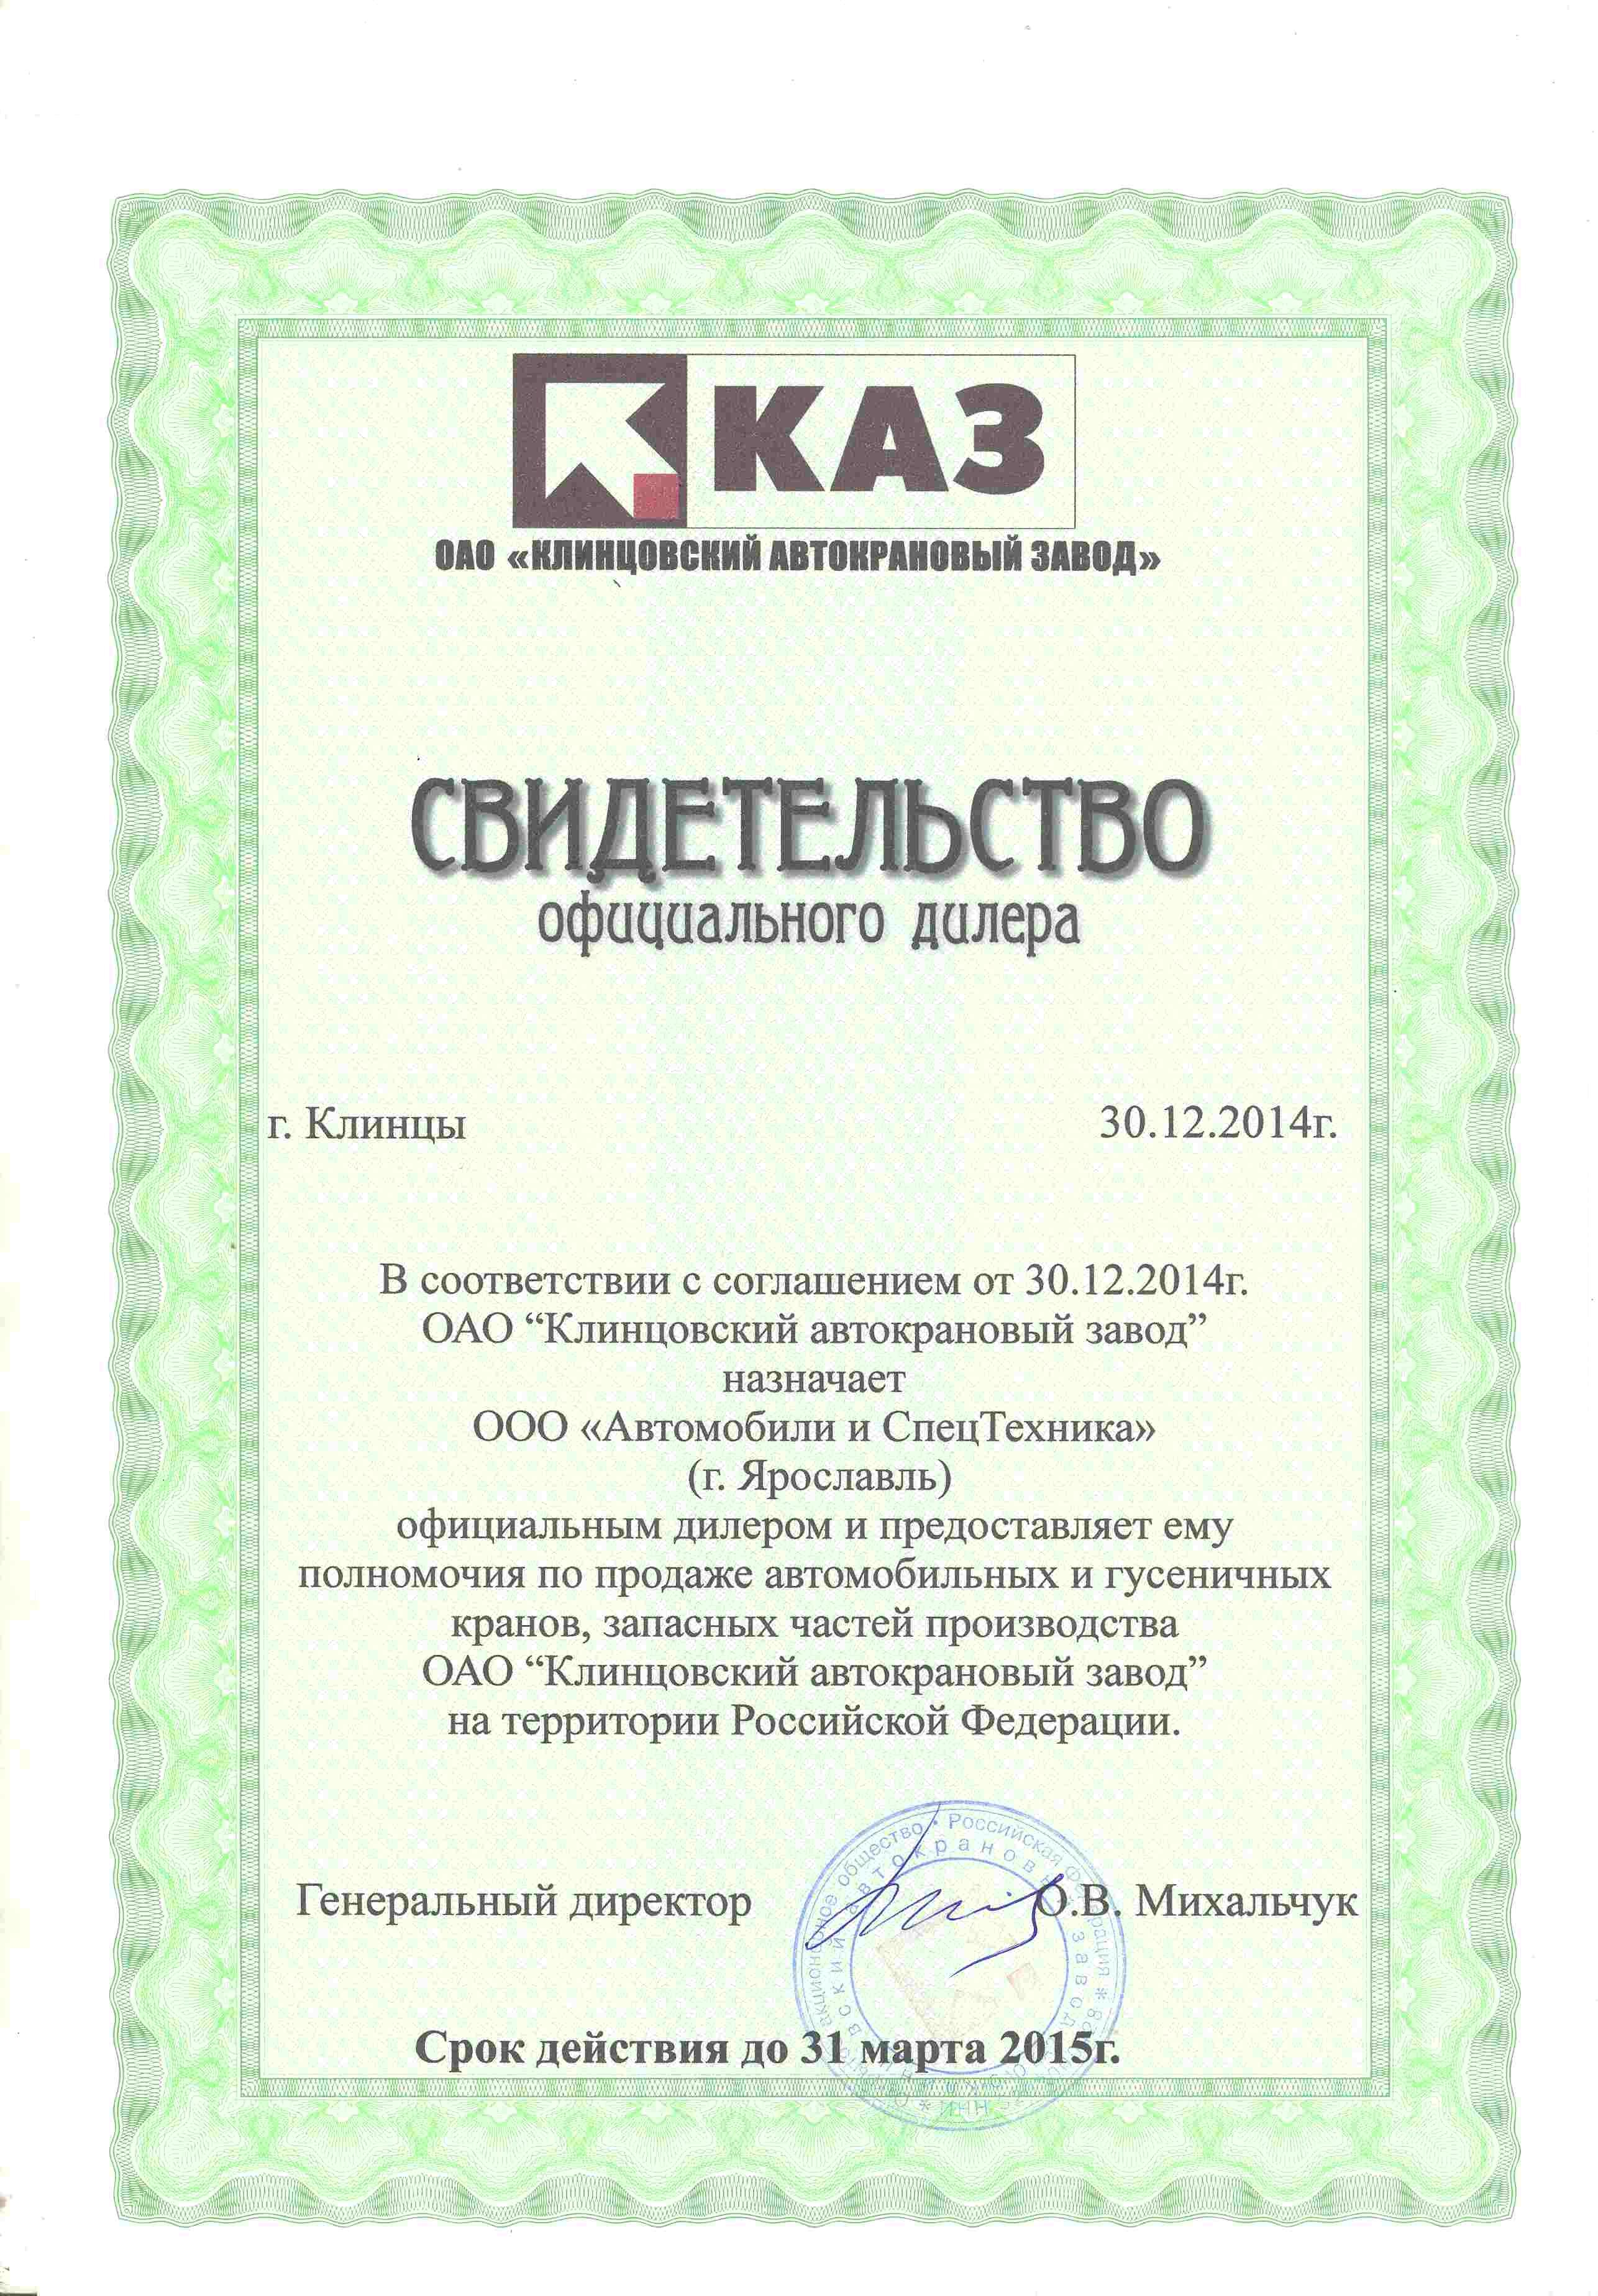 Трактор мтз-82. 1,57, 2004 г. в. - продаётся конфискат(б/у.